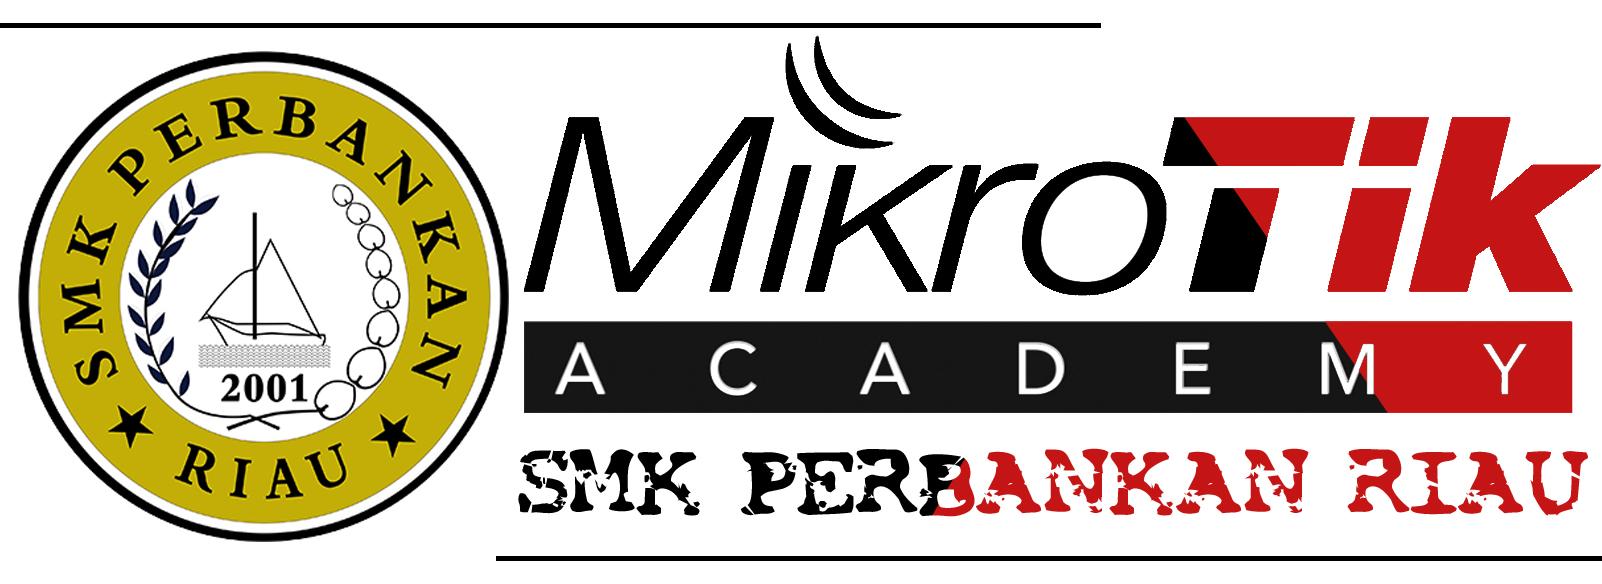 Our Academy